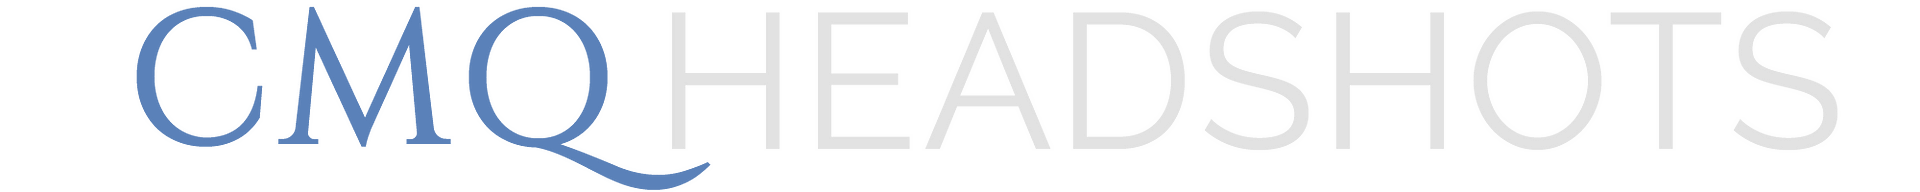 White transparent logo for website